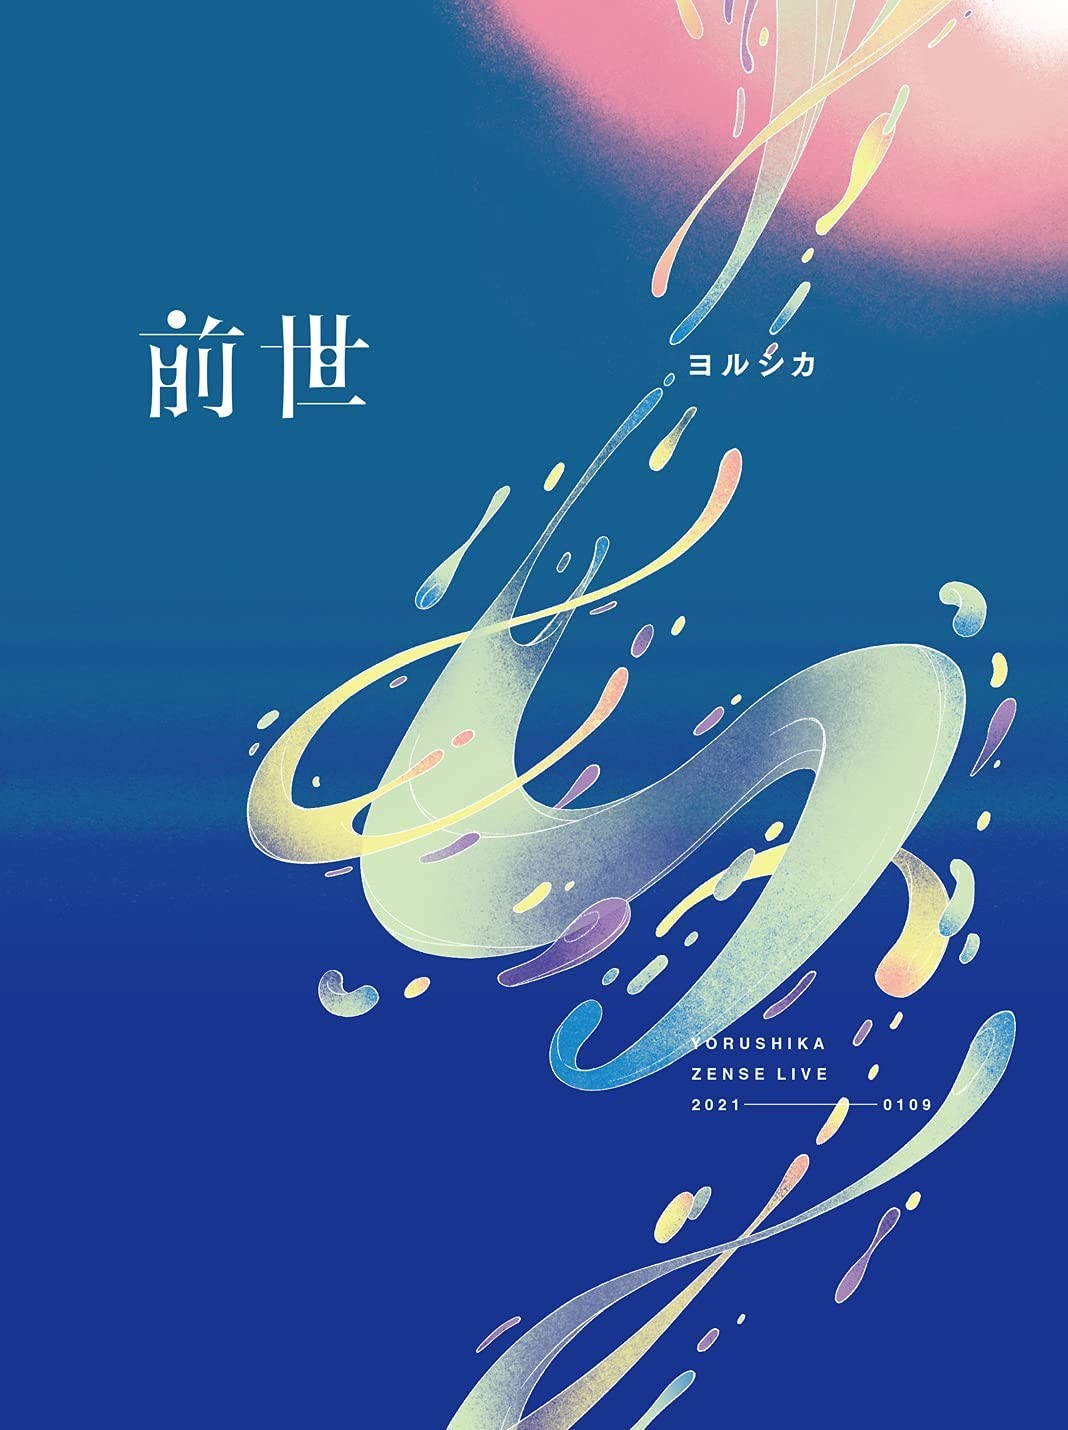 ヨルシカ (Yorushika) – ヨルシカ Live「前世」 [Blu-ray ISO + 24bit FLAC] [2021.05.25]